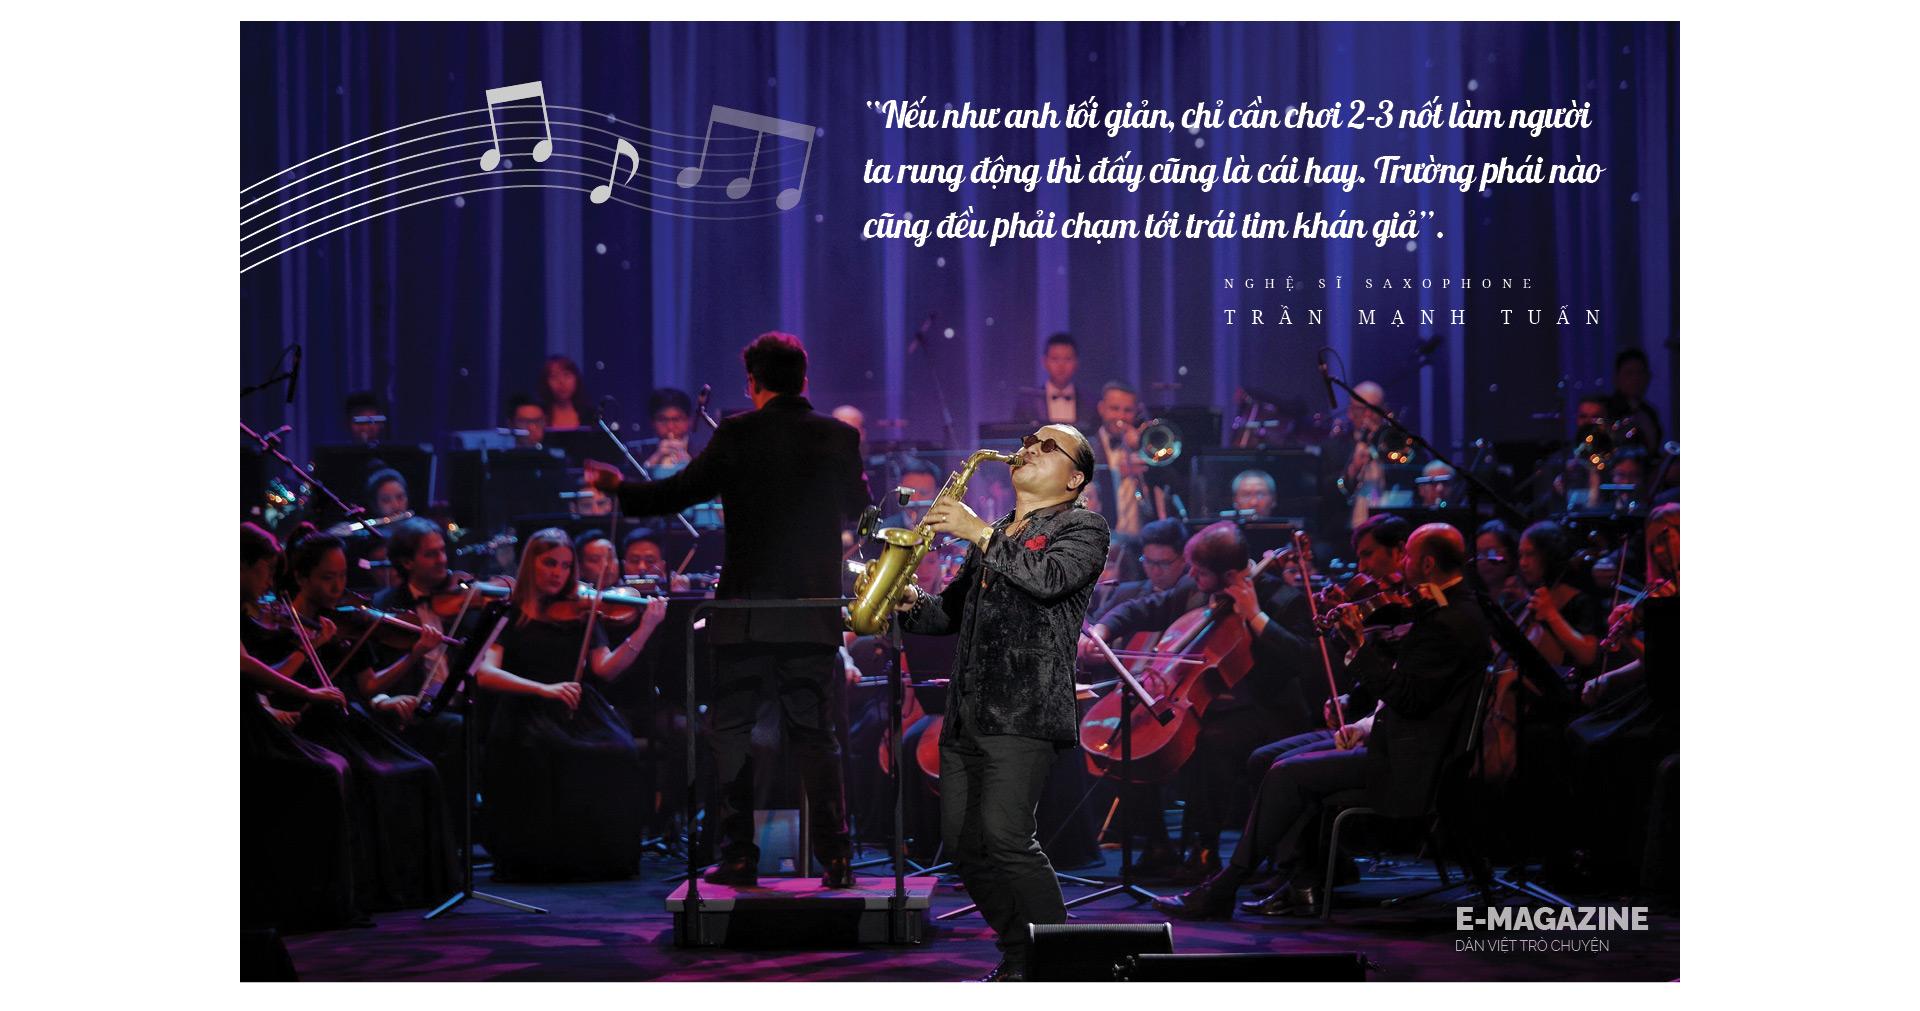 """Nghệ sĩ saxophone Trần Mạnh Tuấn: """"Diễn giữa không gian bệnh viện dã chiến là điều đặc biệt nhất trong đời"""" - Ảnh 9."""